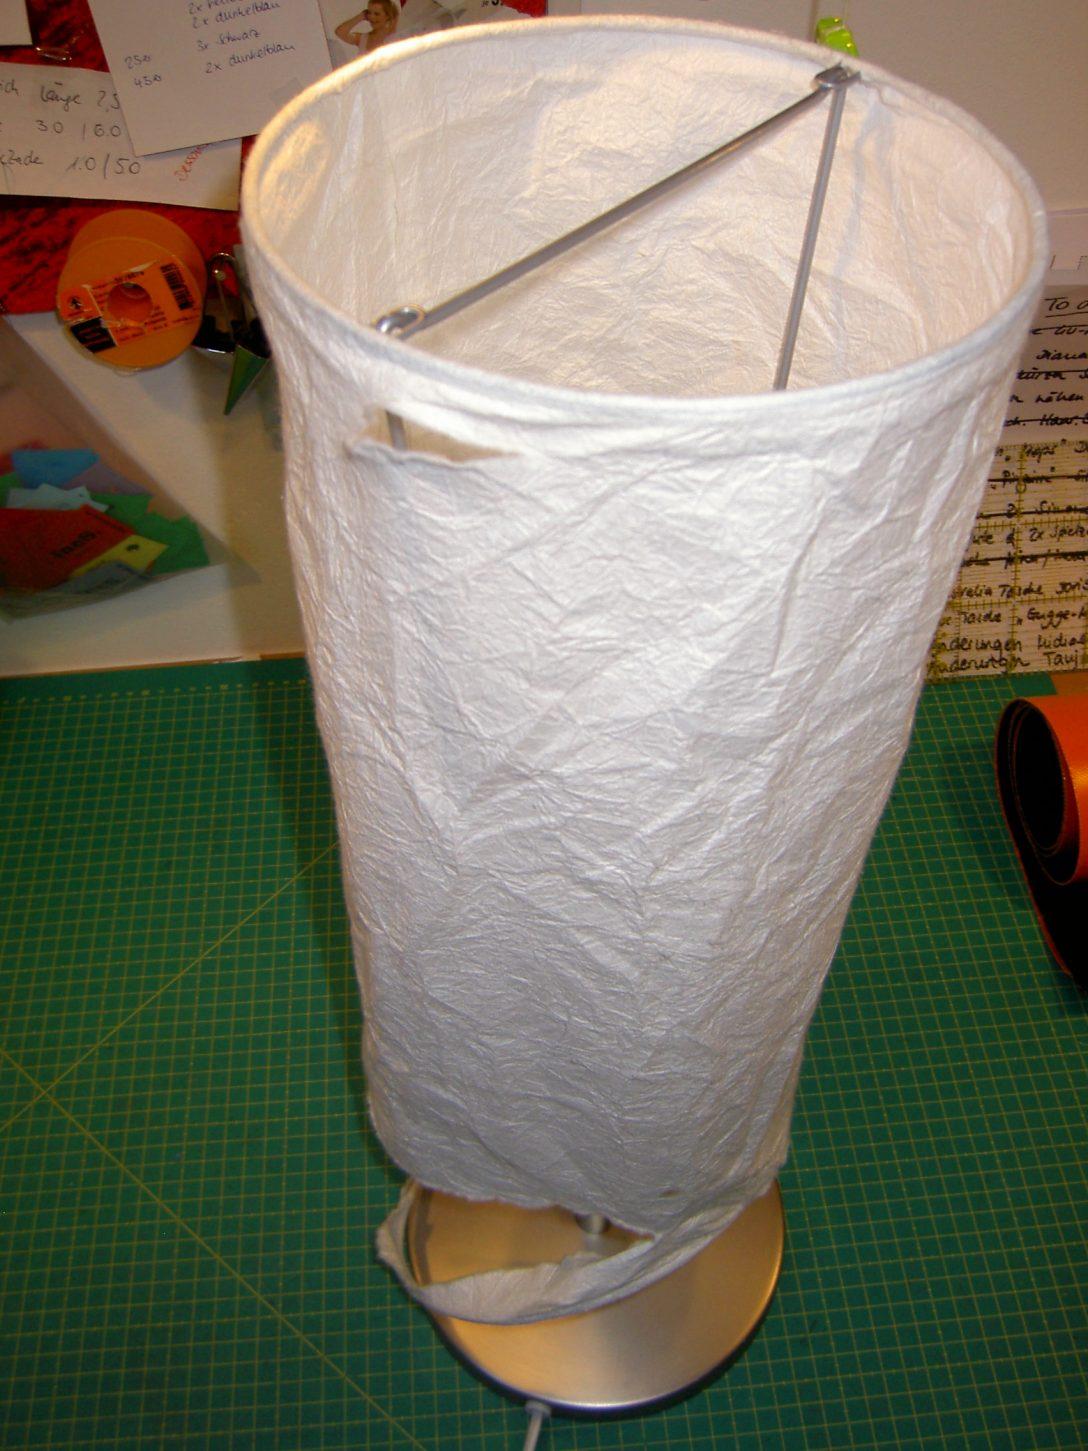 Large Size of Schirm Kaputt Macht Niines Handmade Ikea Küche Kosten Modulküche Betten 160x200 Sofa Mit Schlaffunktion Kaufen Miniküche Bei Stehlampen Wohnzimmer Wohnzimmer Ikea Stehlampen